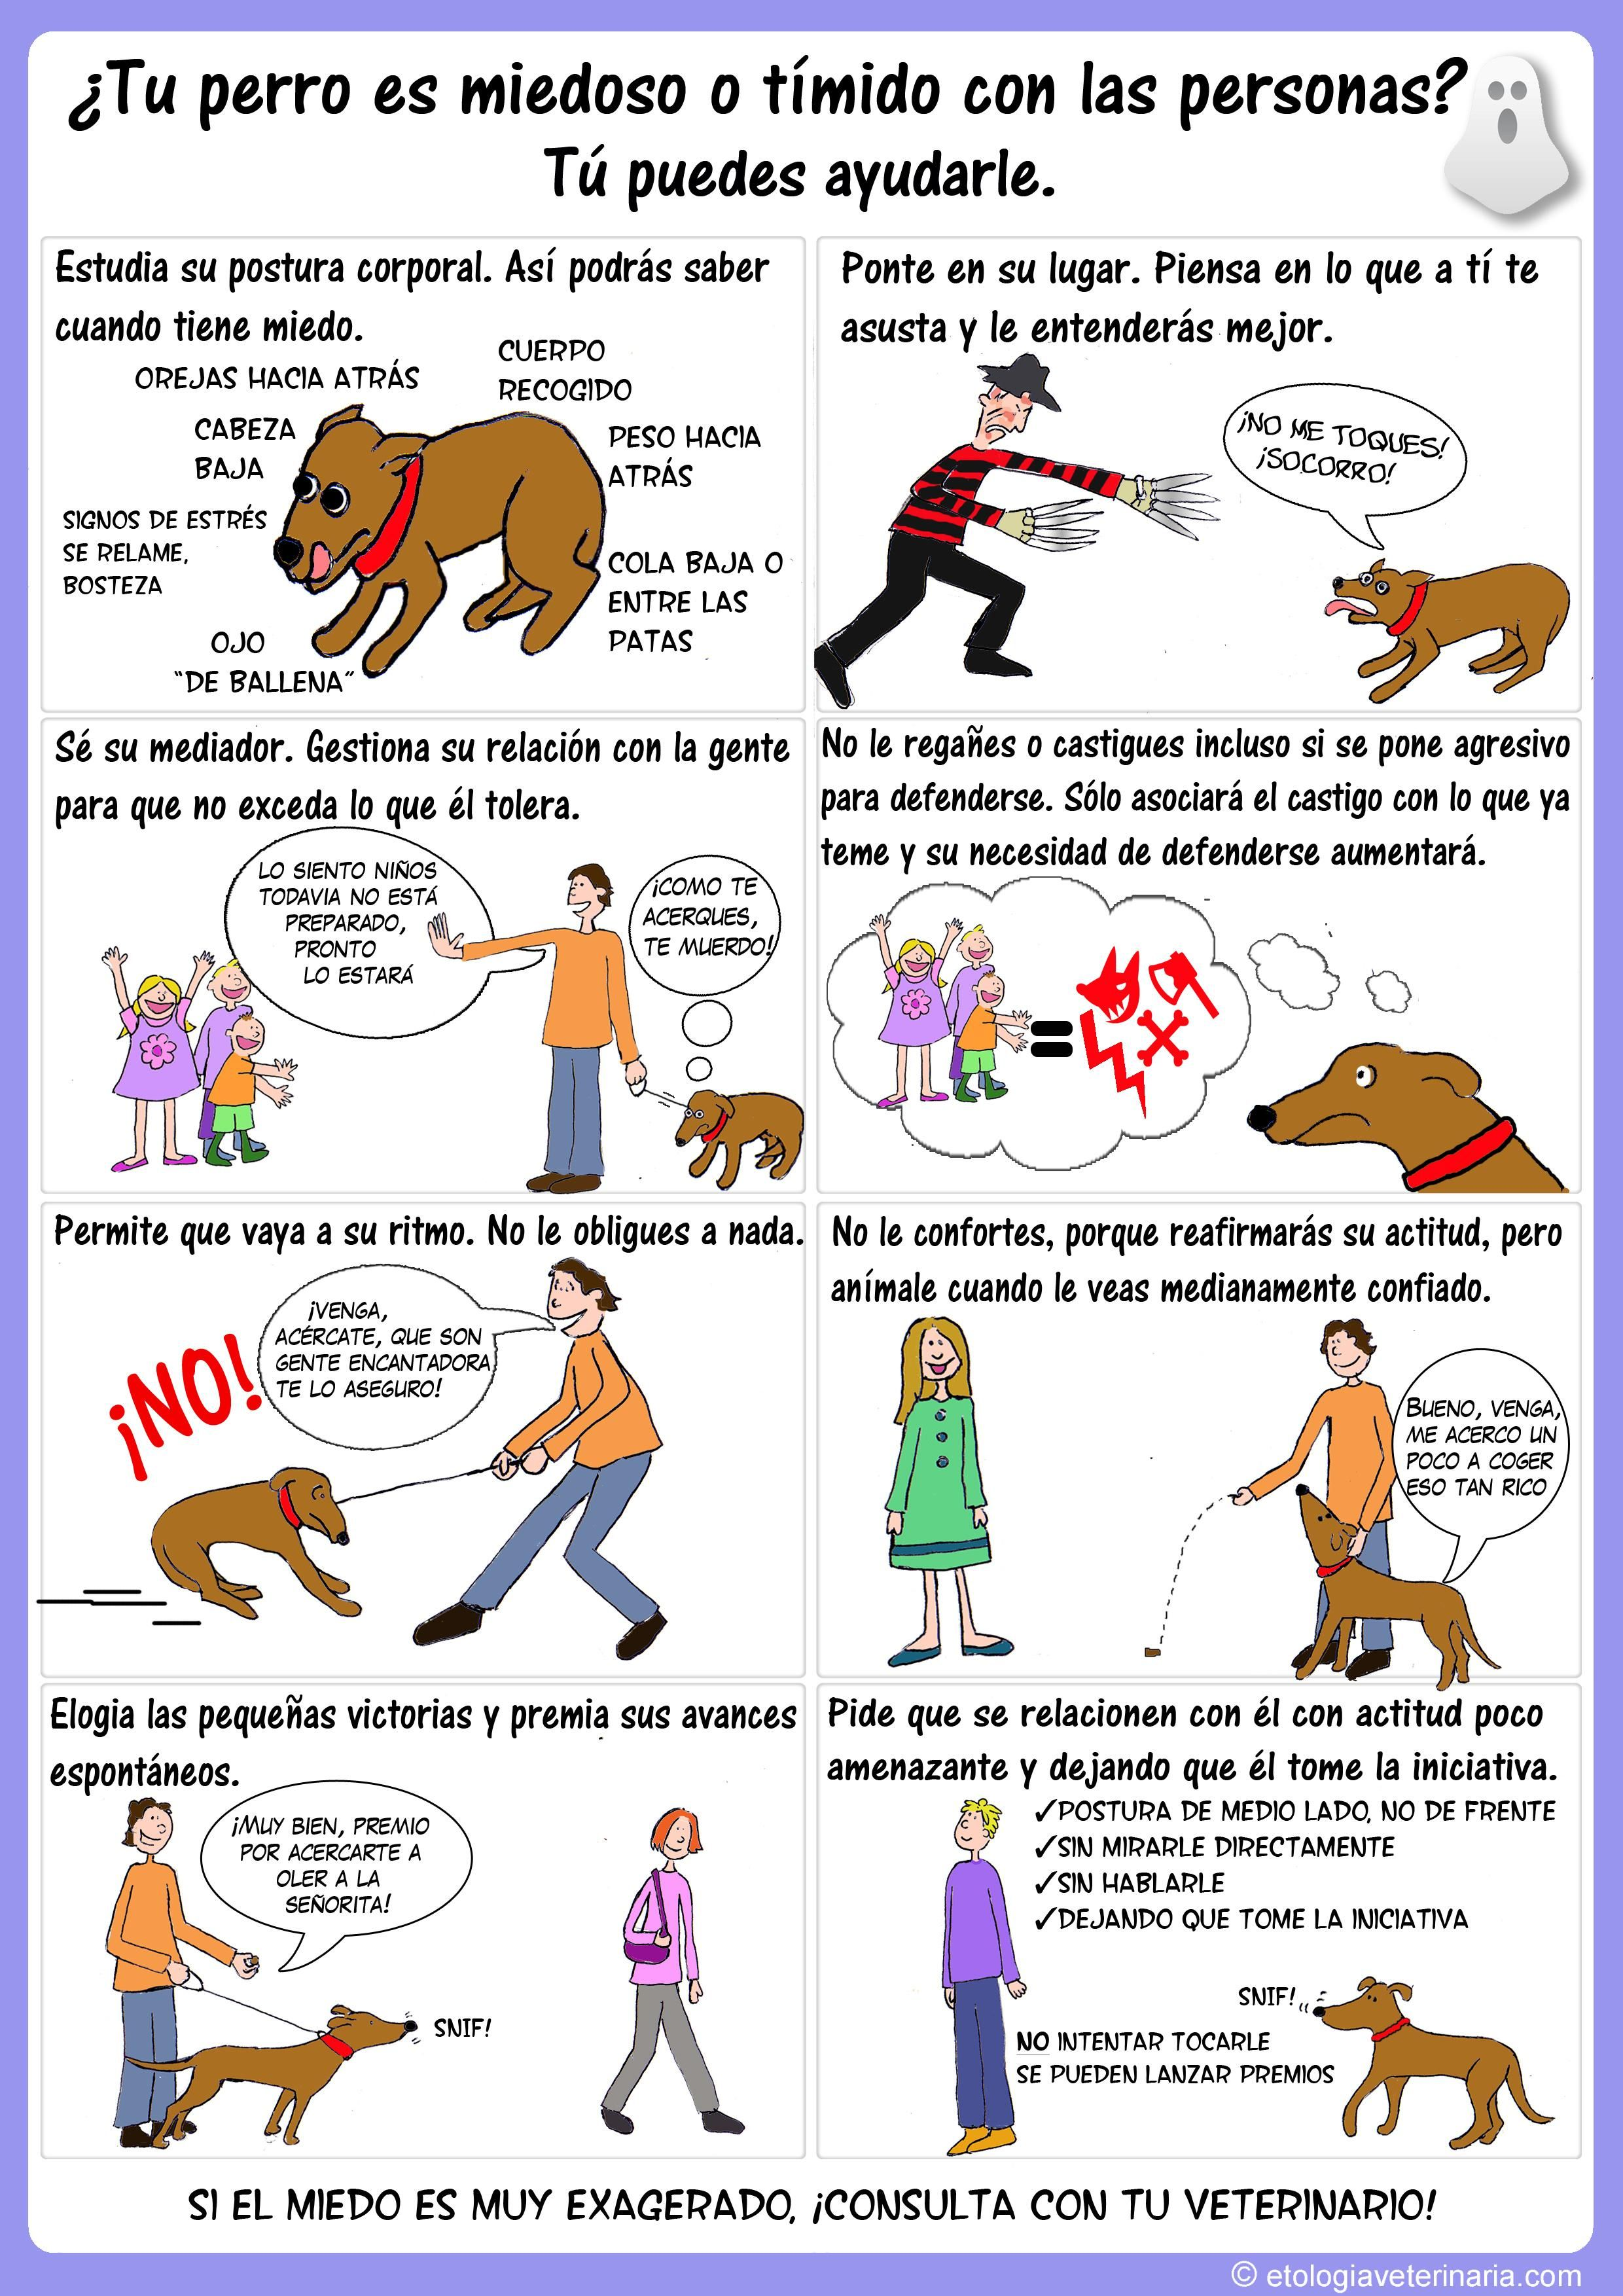 Infografía para ayudar a tu perro a quitarse el miedo o la timidez hacia a las personas